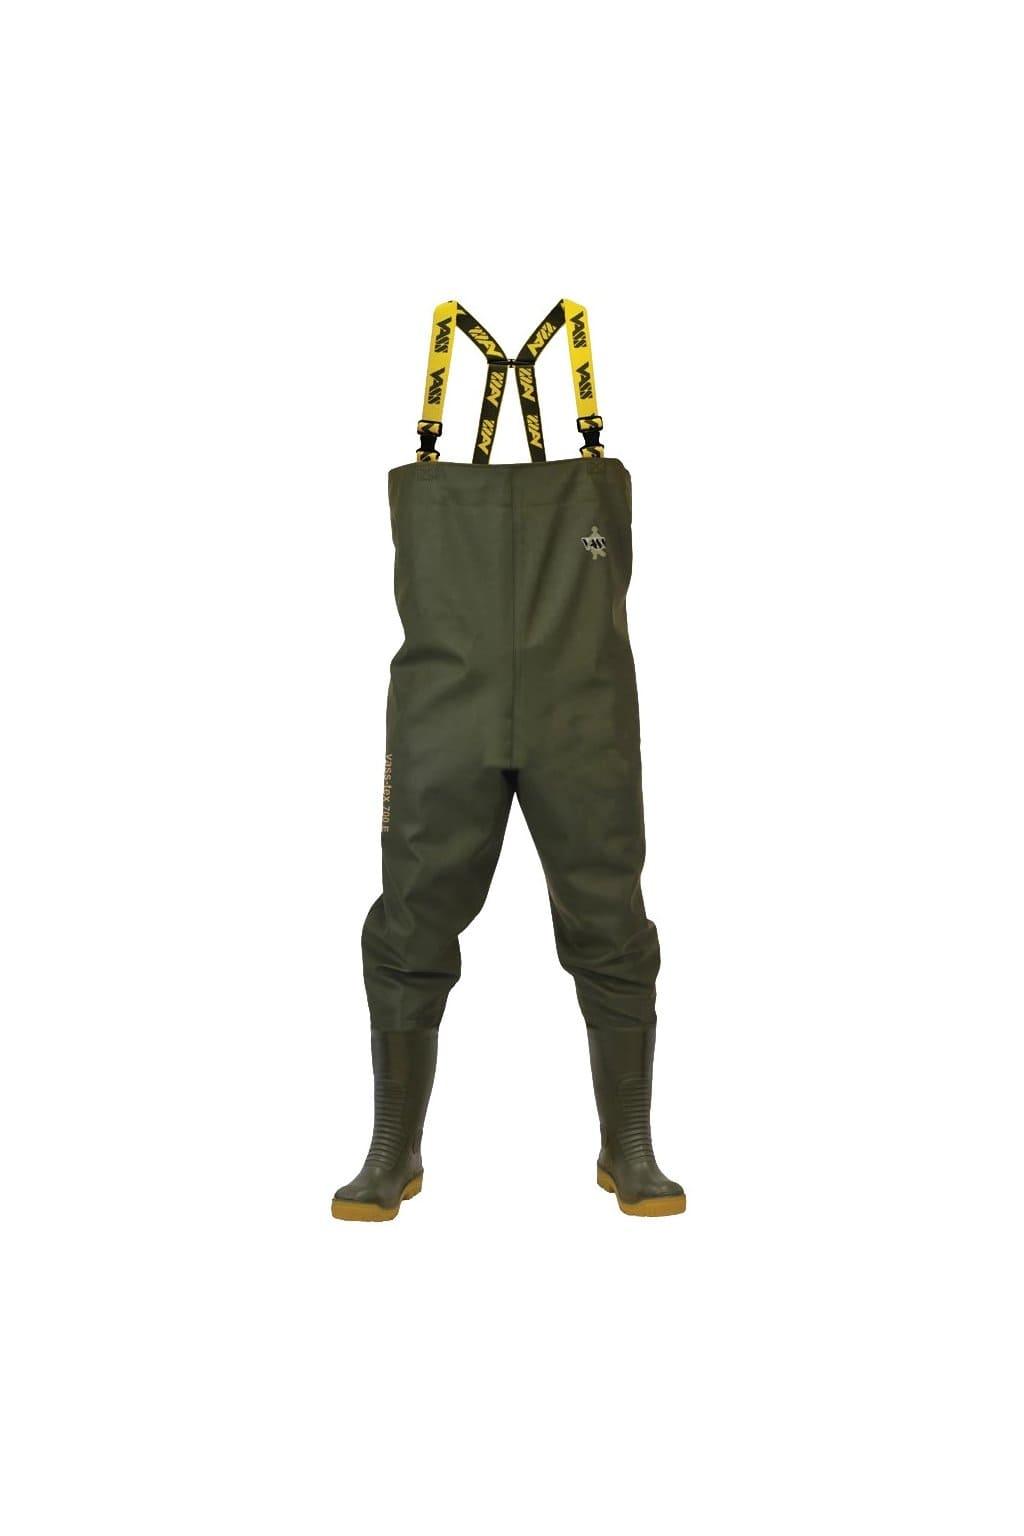 Prsačky (brodící kalhoty) Vass-Tex 700 Nova E Edition